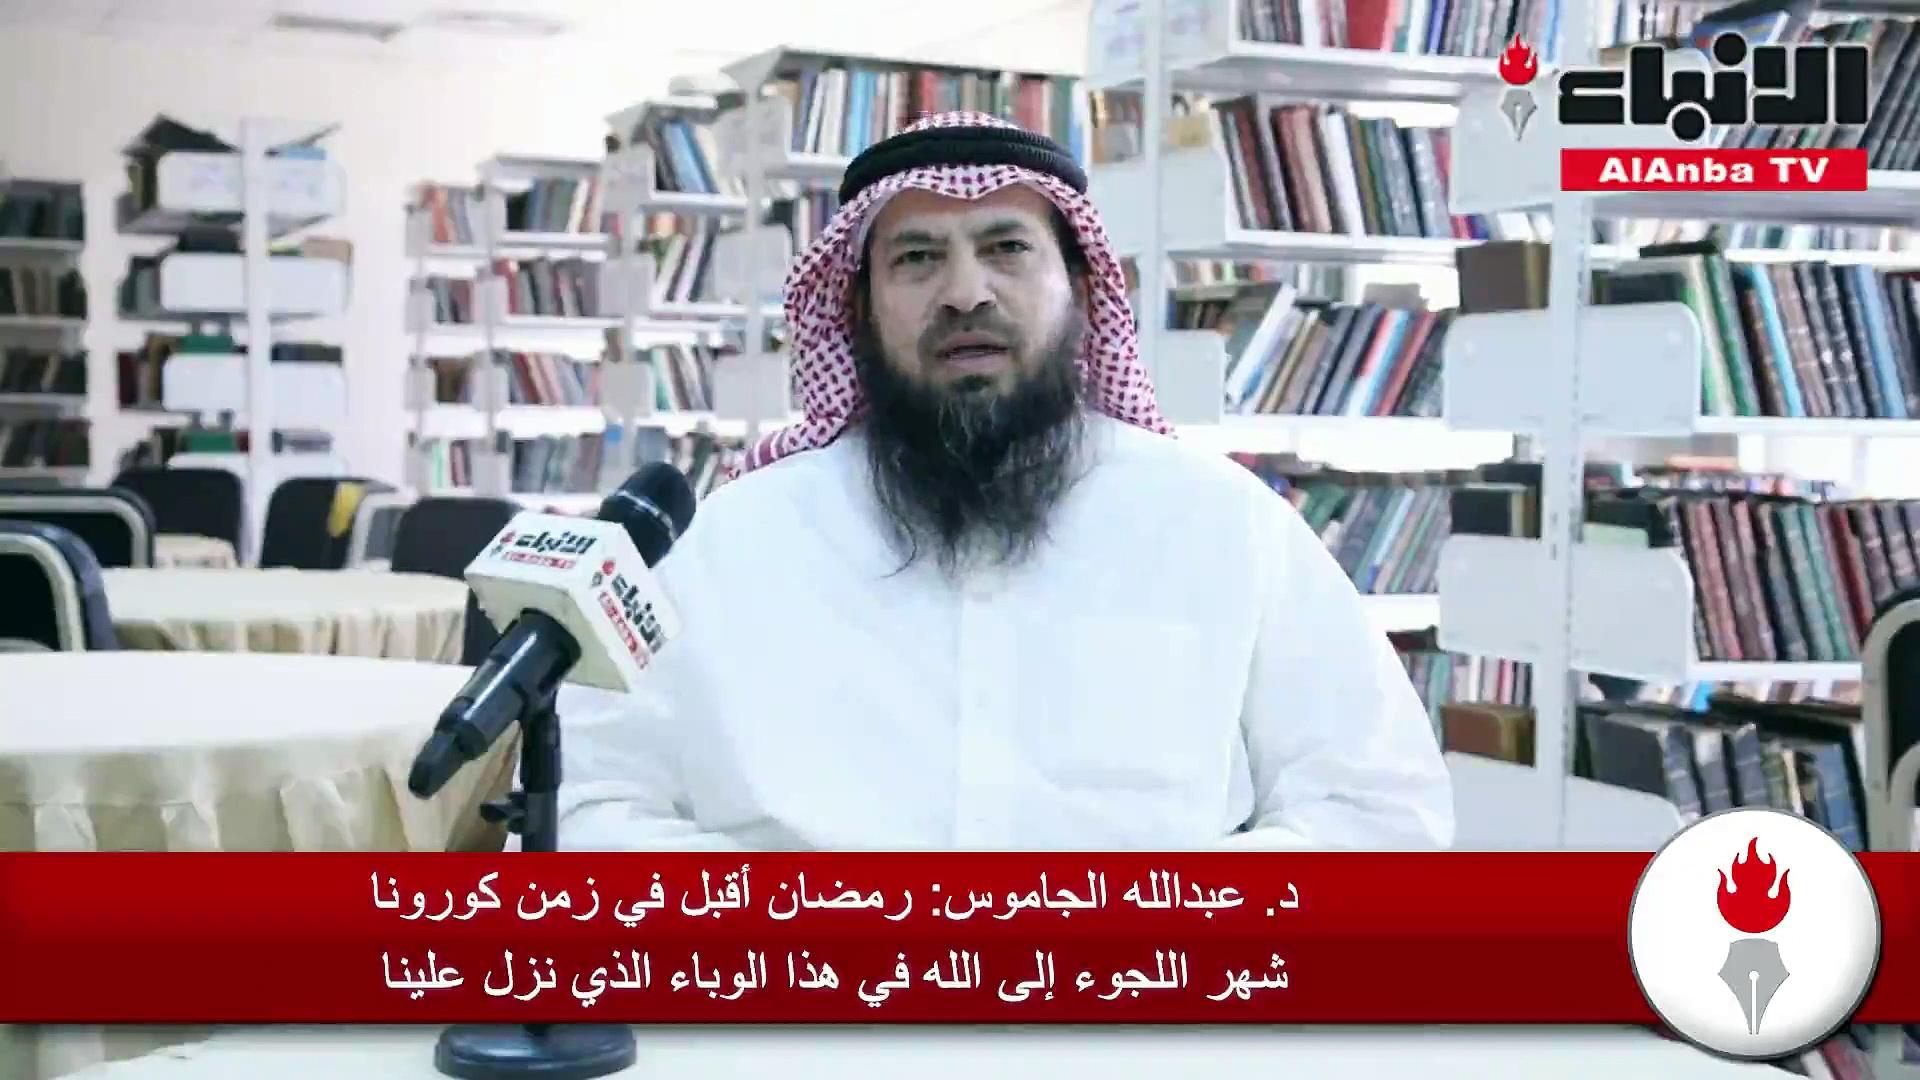 د. عبدالله الجاموس: رمضان أقبل في زمن كورونا شهر اللجوء إلى الله في هذا الوباء الذي نزل علينا